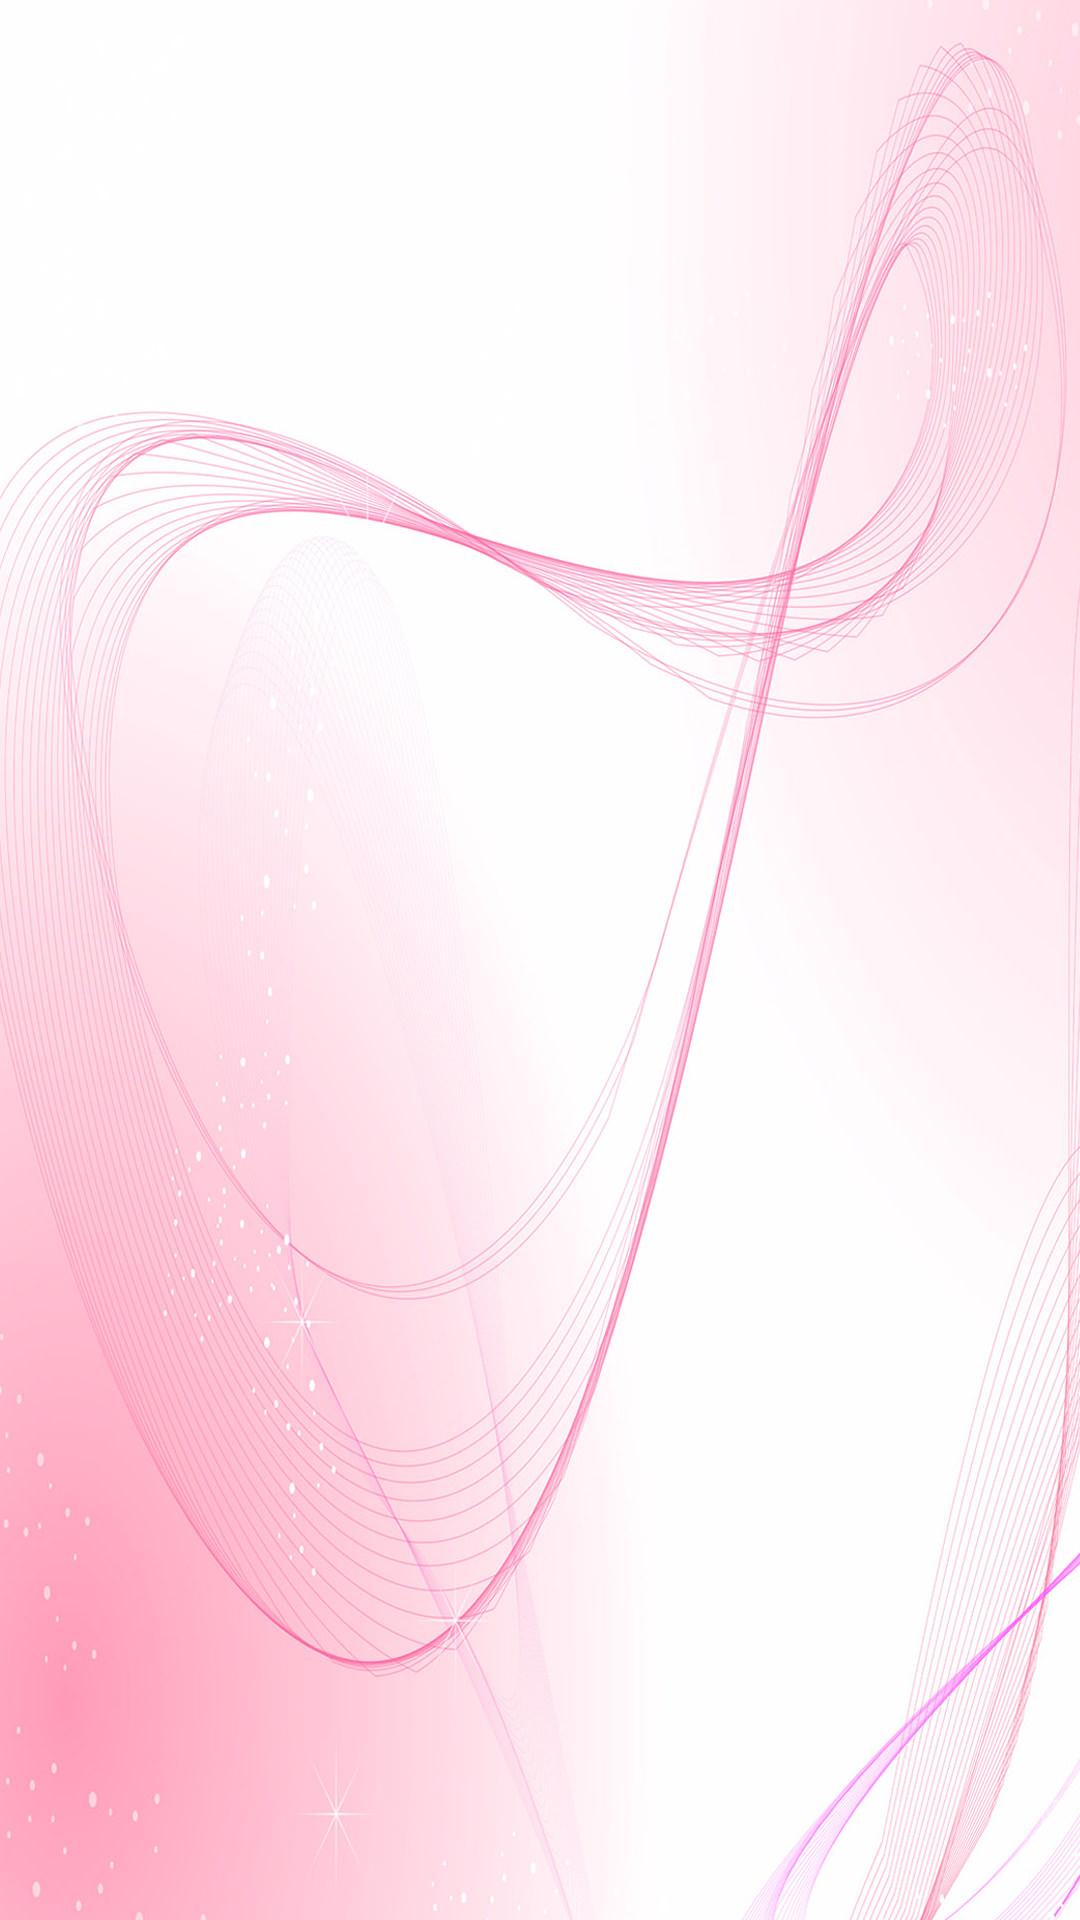 薄いピンクのアブストラクト iPhone6 Plus 壁紙